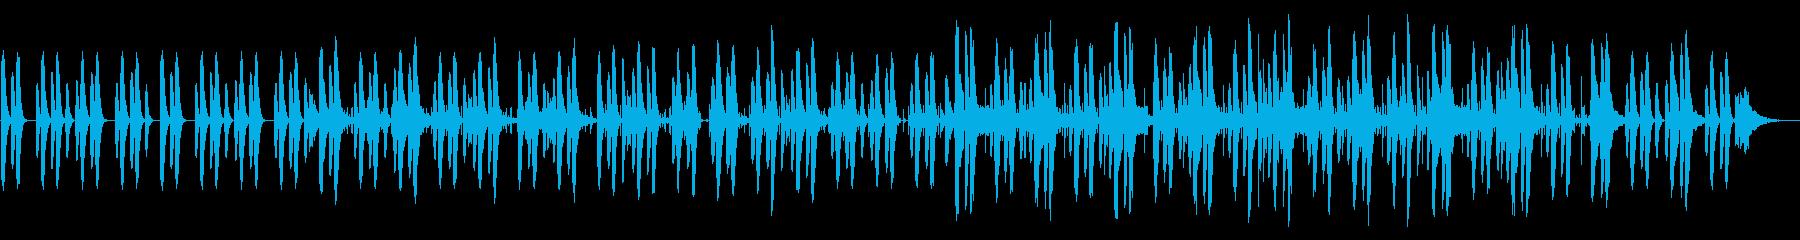 ゆったりほのぼのサウンドの再生済みの波形